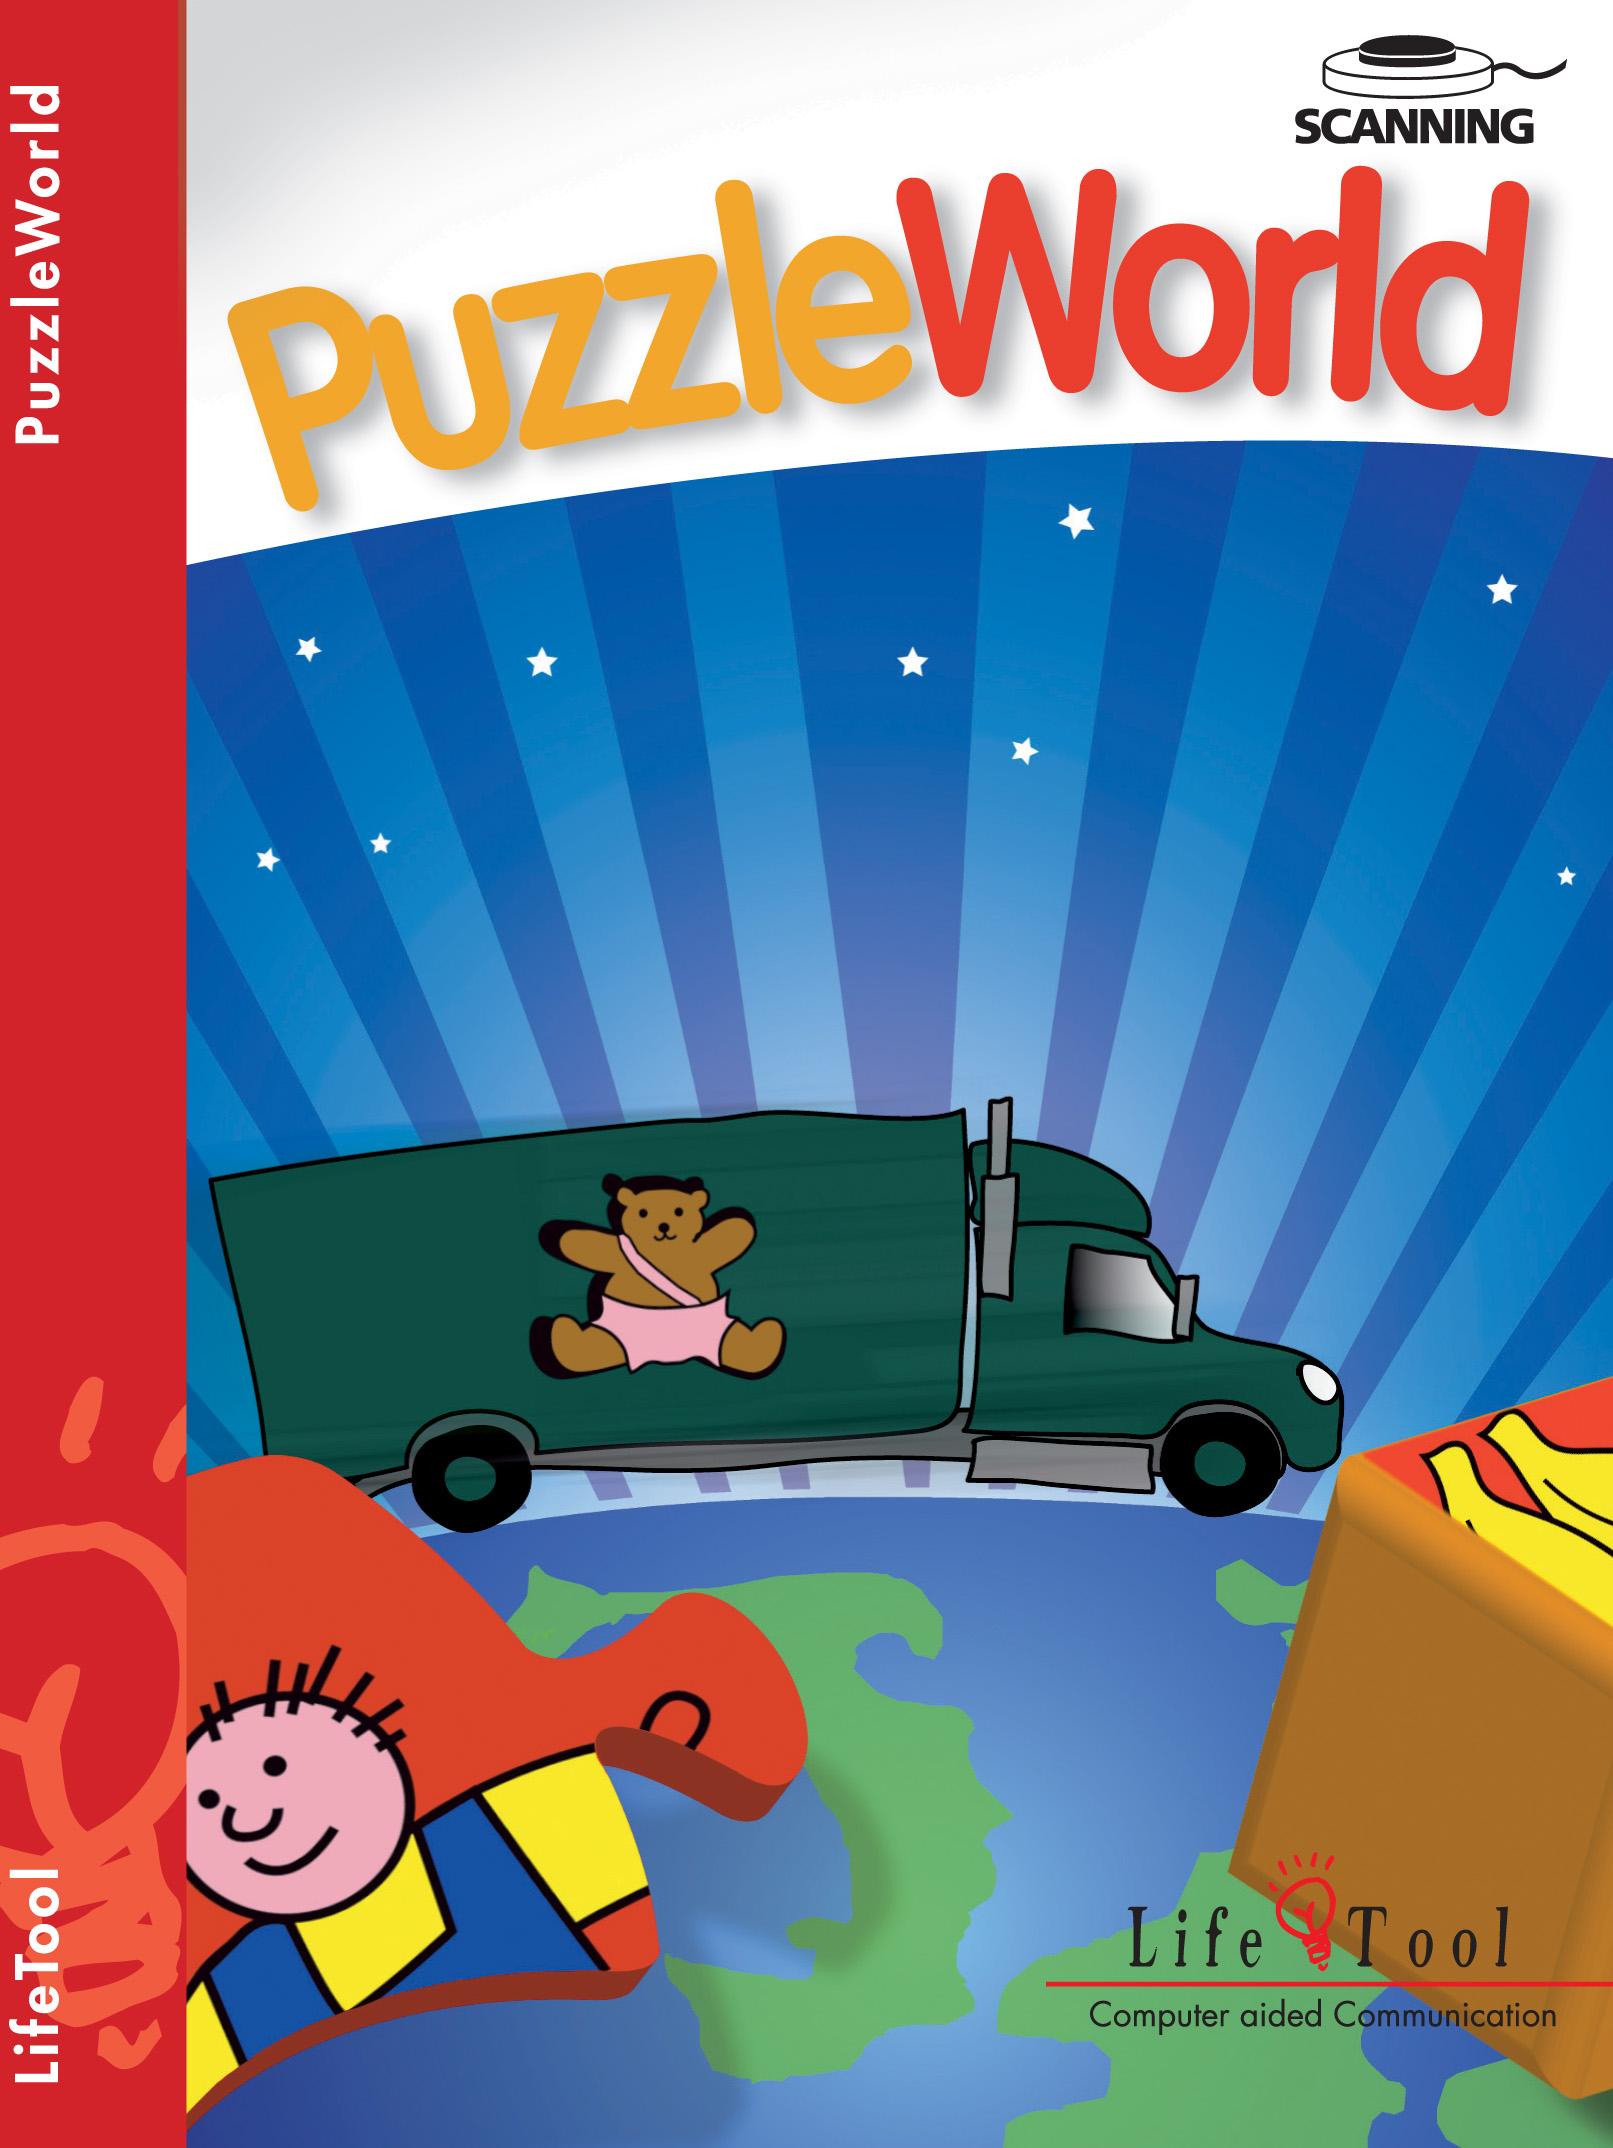 PuzzleWorld / Eine Sammlung bekannter Puzzlespiele